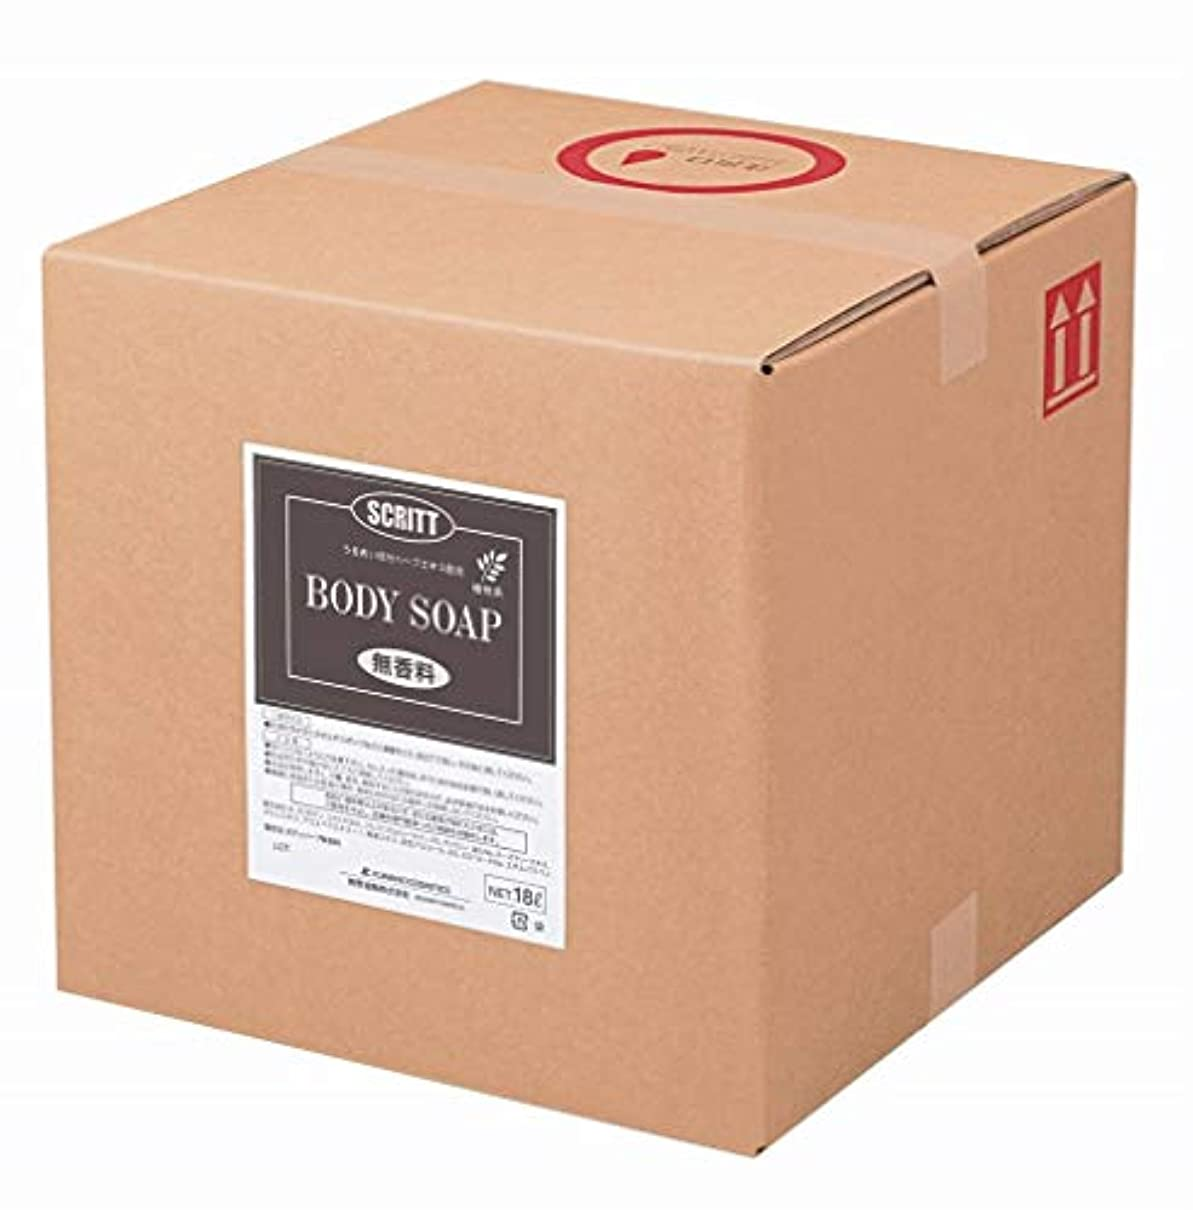 エキゾチックサークルしおれた業務用 SCRITT(スクリット)無香料ボディソープ 18L 熊野油脂 (コック無し)